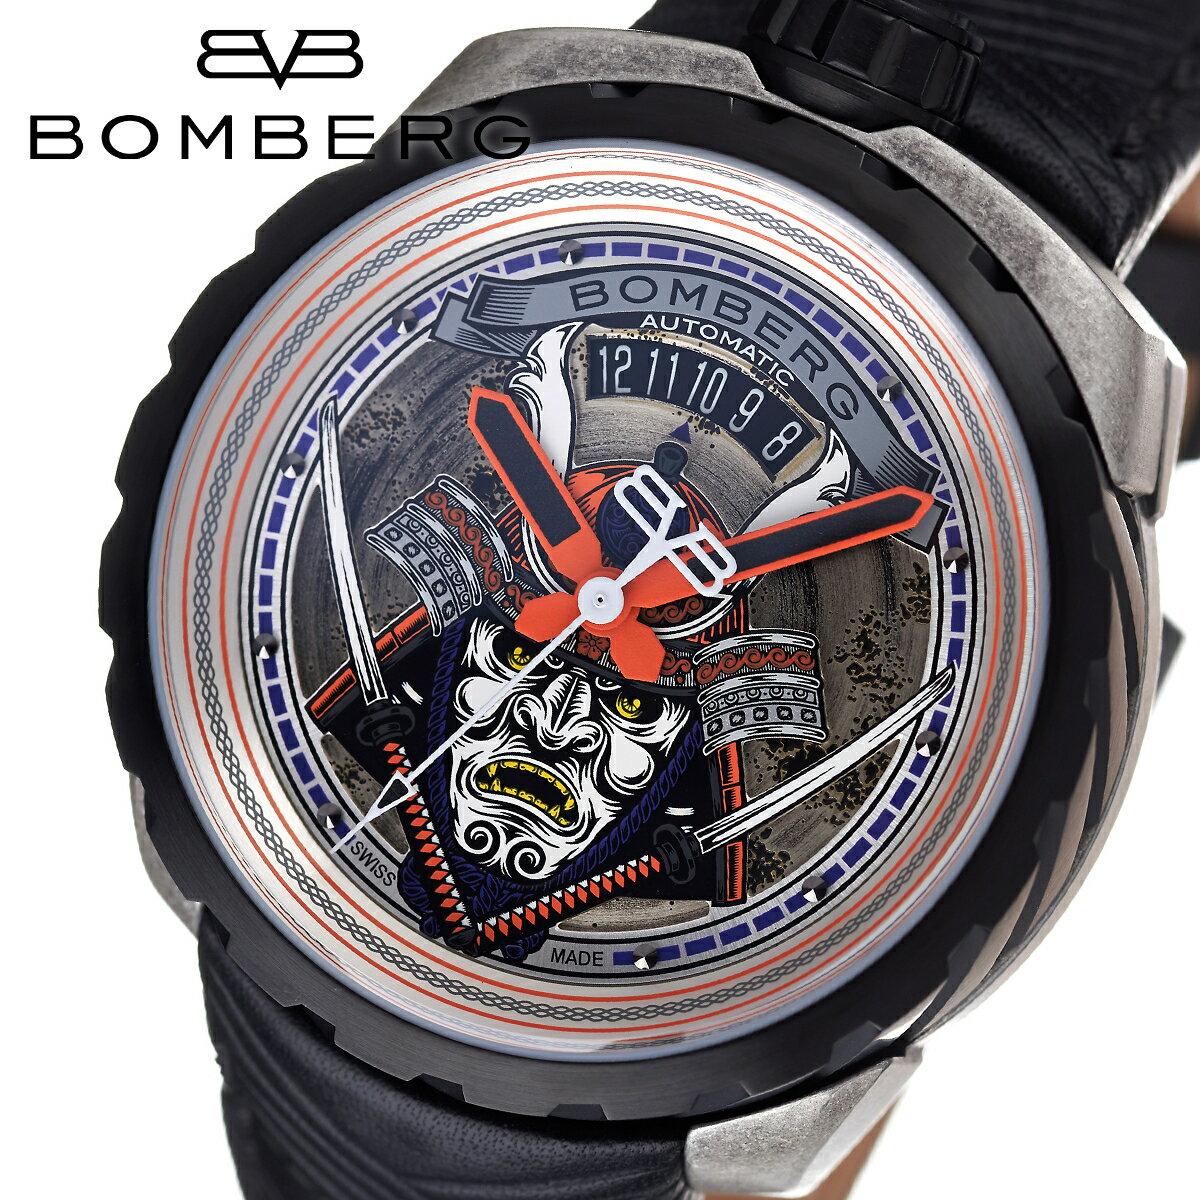 ボンバーグ BOMBERG ボルト68 BOLT-68 サムライ SAMURAI BS45ASP.042-1.3 メンズ 時計 腕時計 自動巻き オートマチック